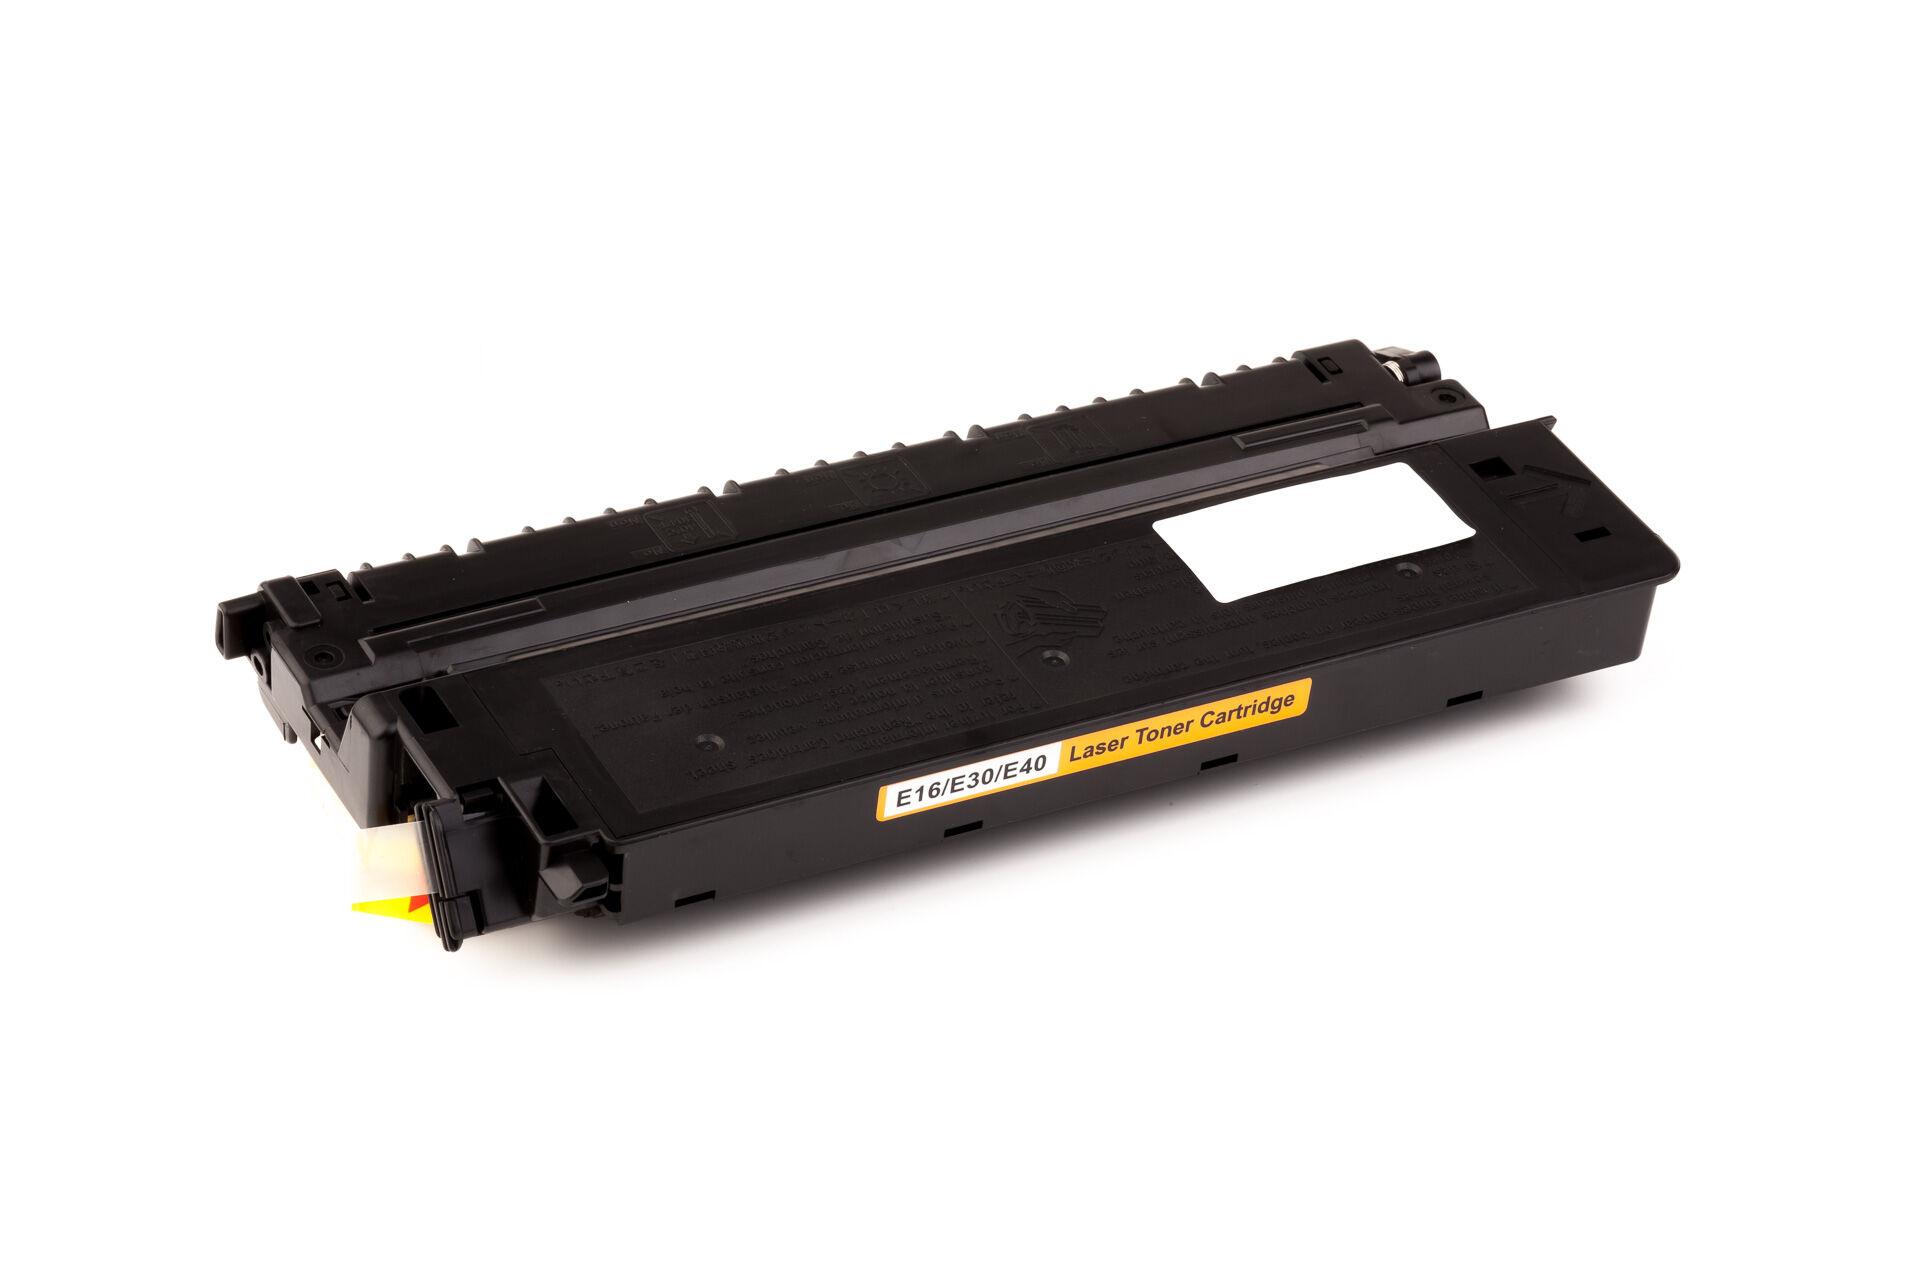 Canon Cartouche de Toner pour Canon 1491A003 / E30 noir compatible (de marque ASC)